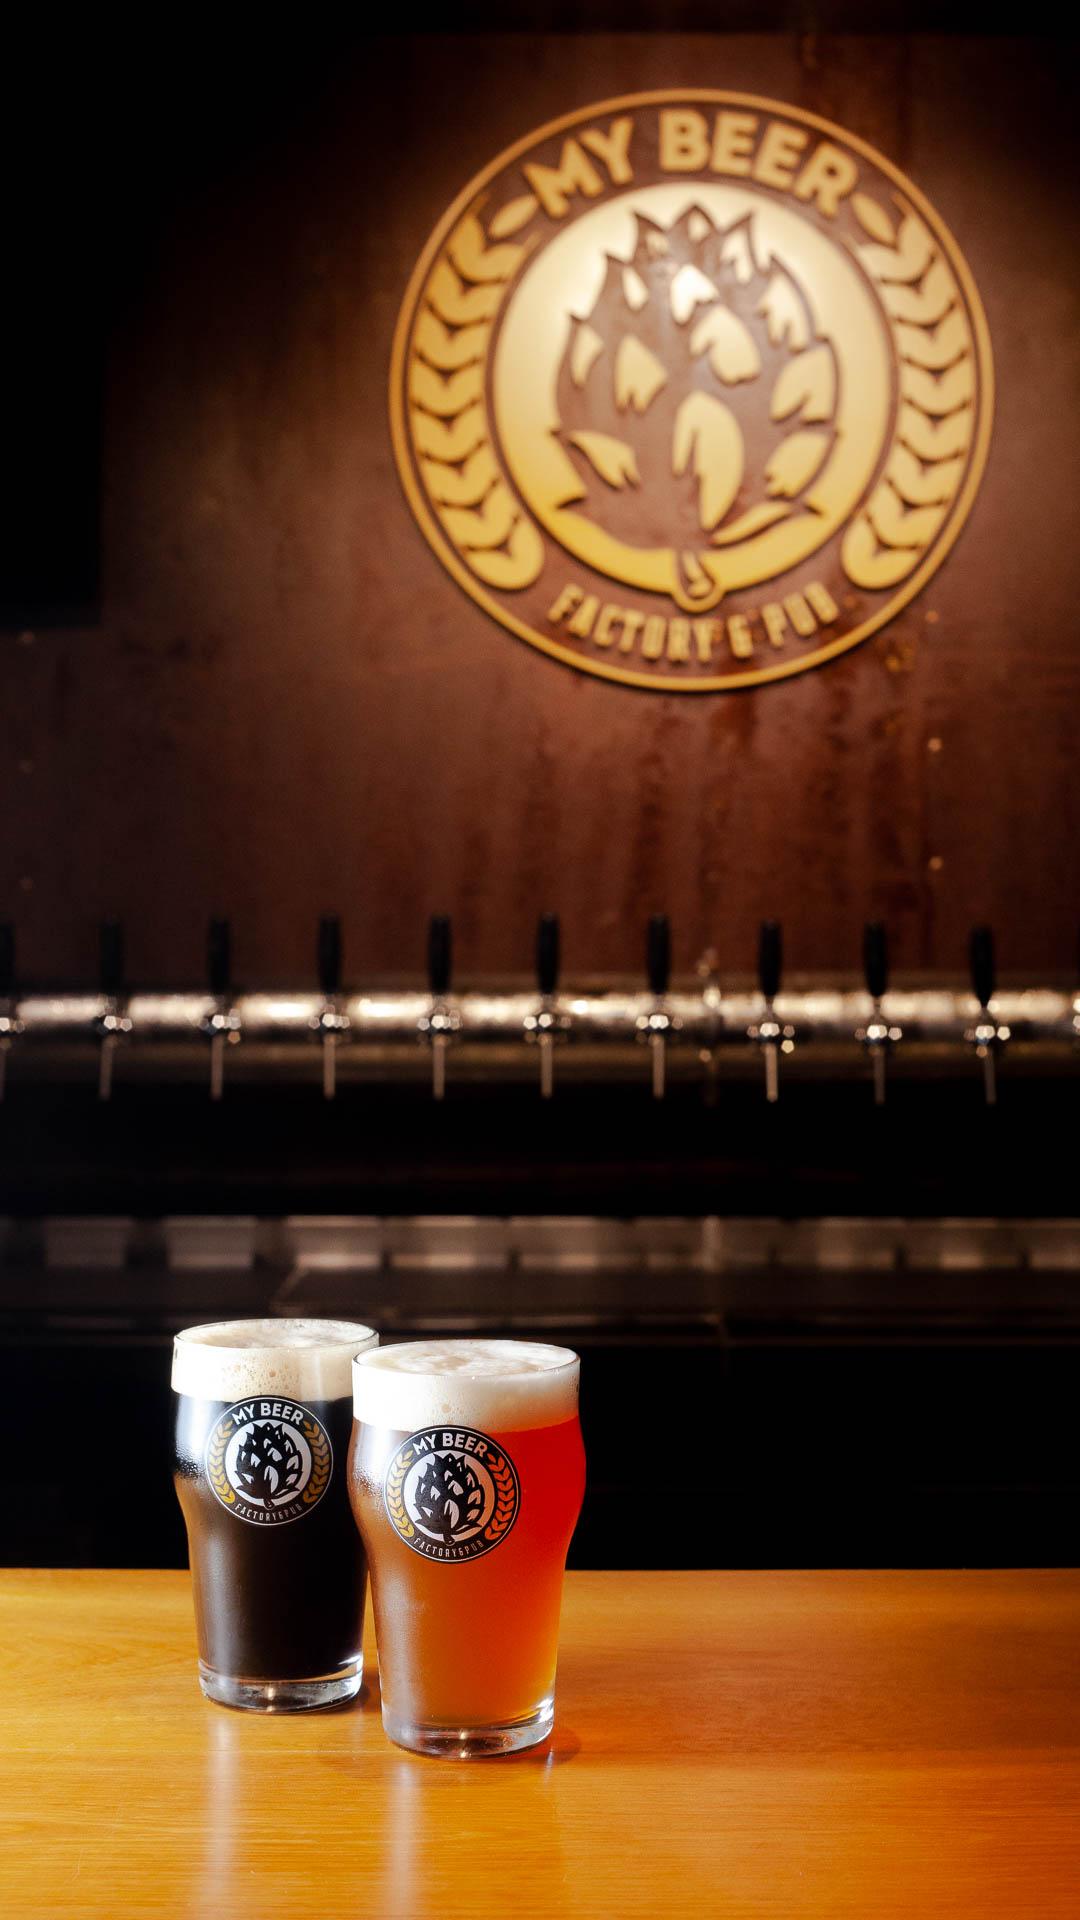 Balcão do bar da My Beer, em Blumenau, com dois chopes servidos